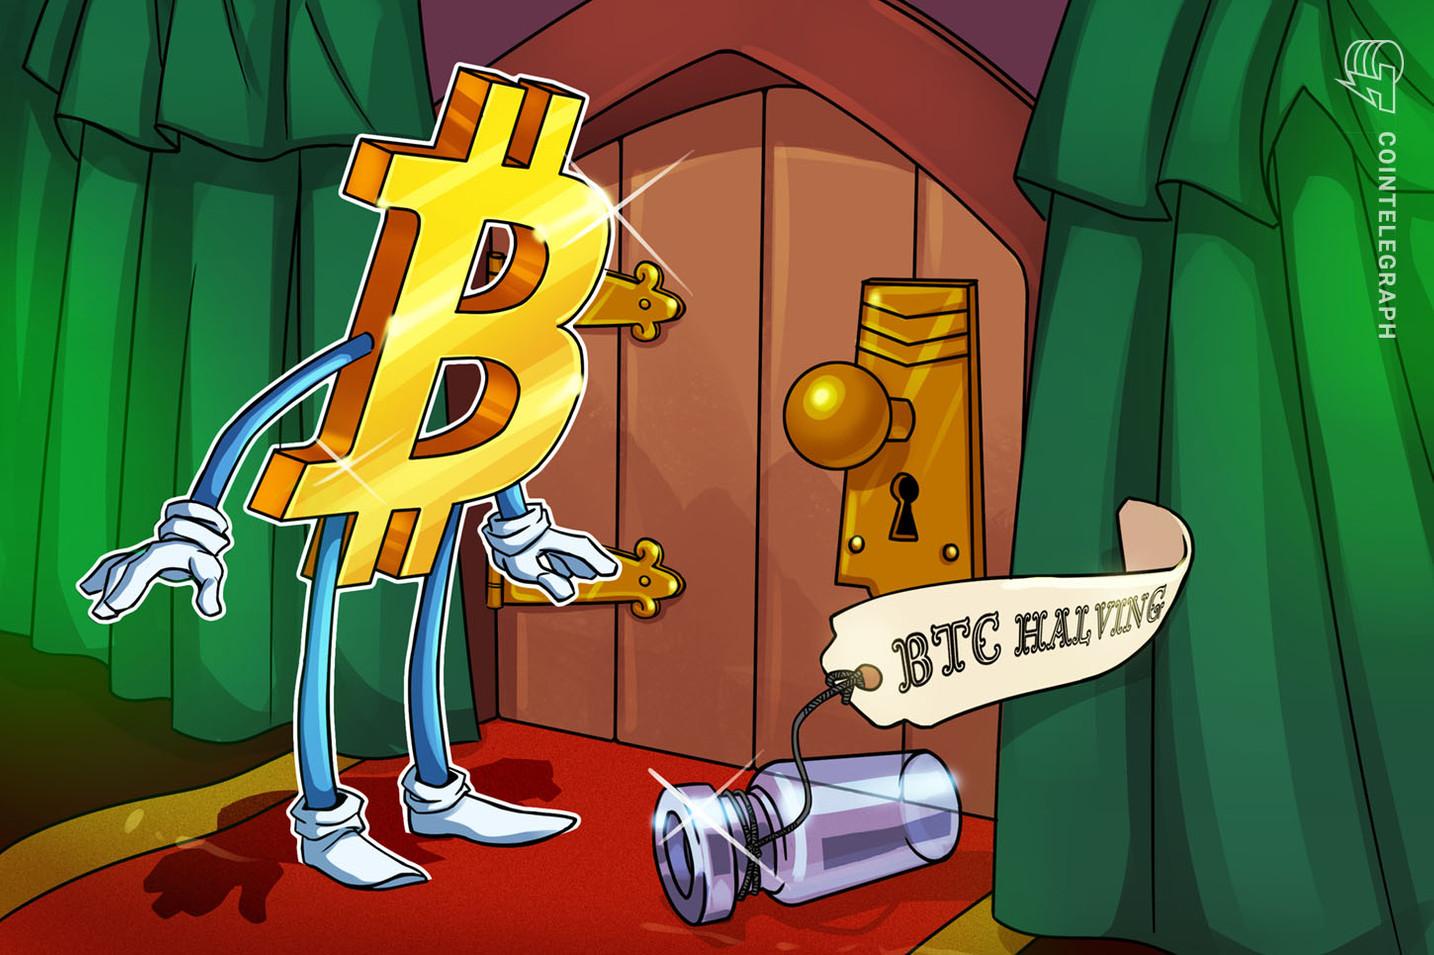 Bitcoin Topluluğu Halving Fiyatlamasının Gerçekleştiğini Düşünüyor mu?